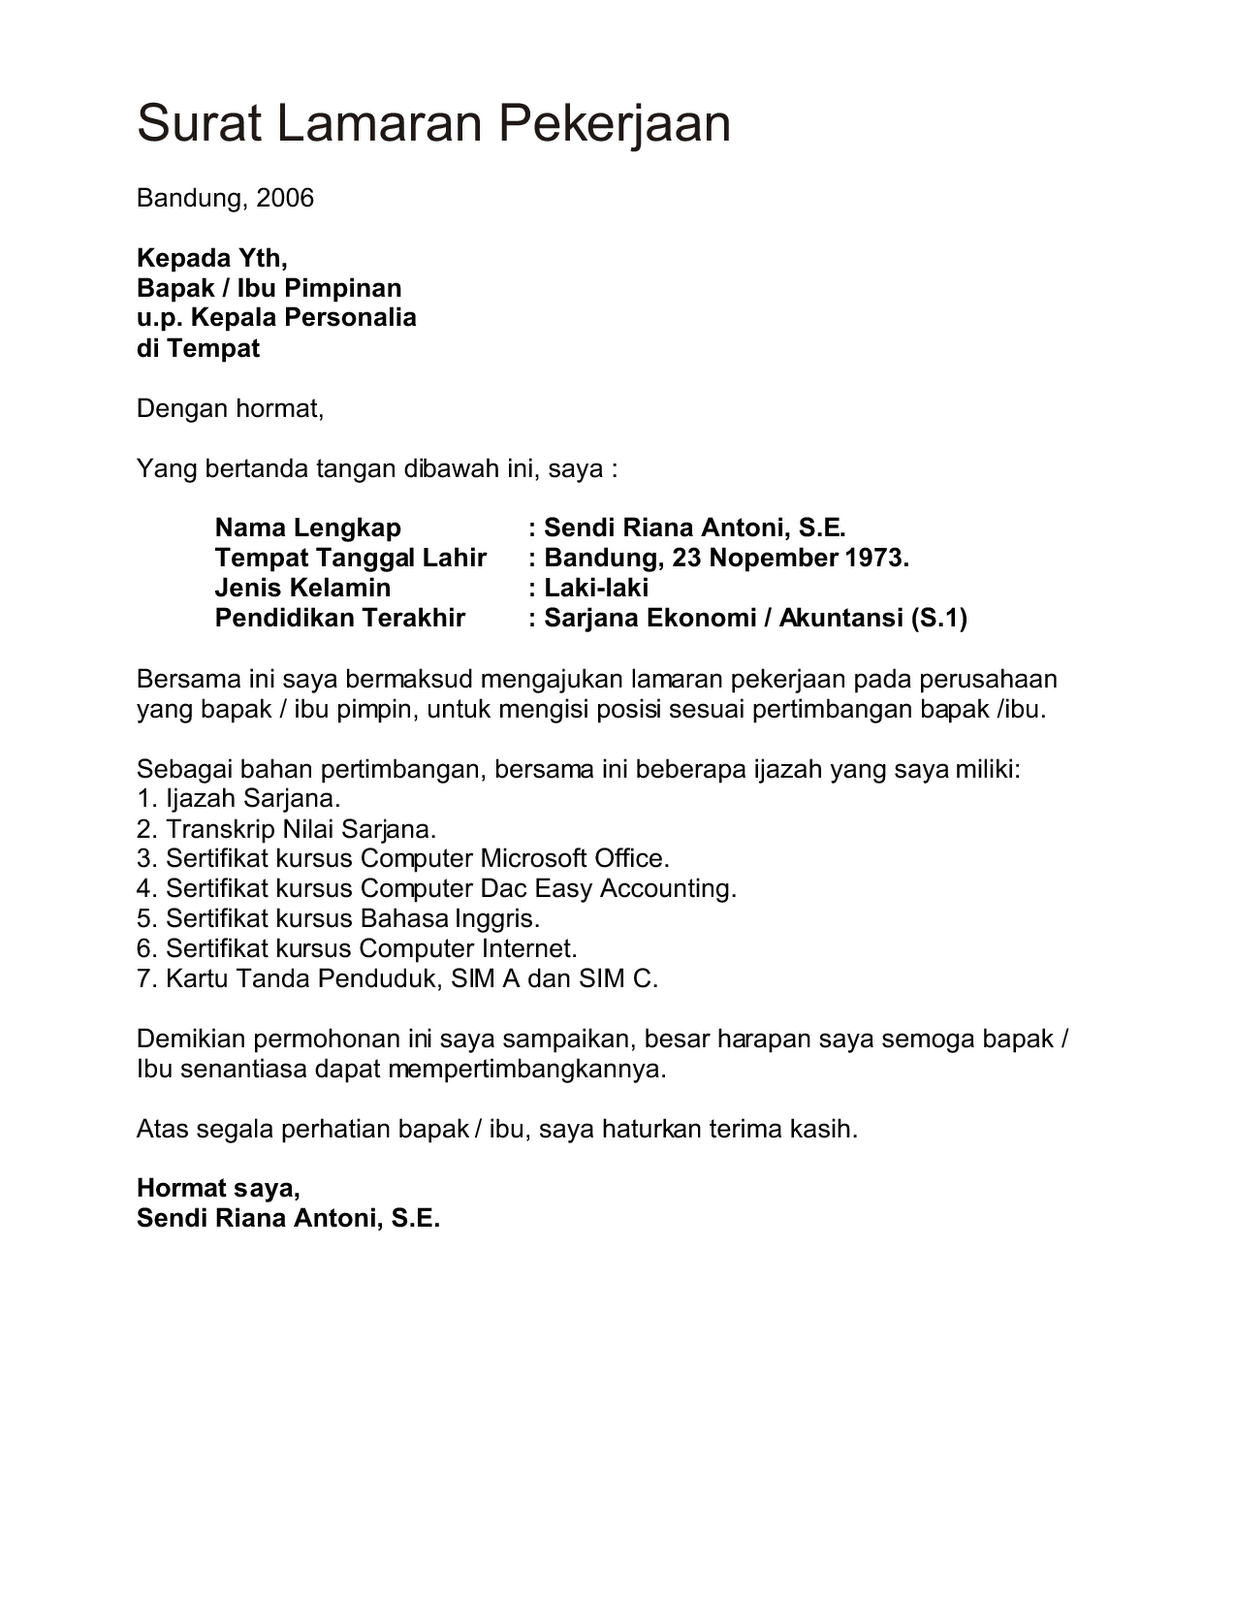 Contoh Surat Lamaran Kerja Dan CV Terbaru - Naranua